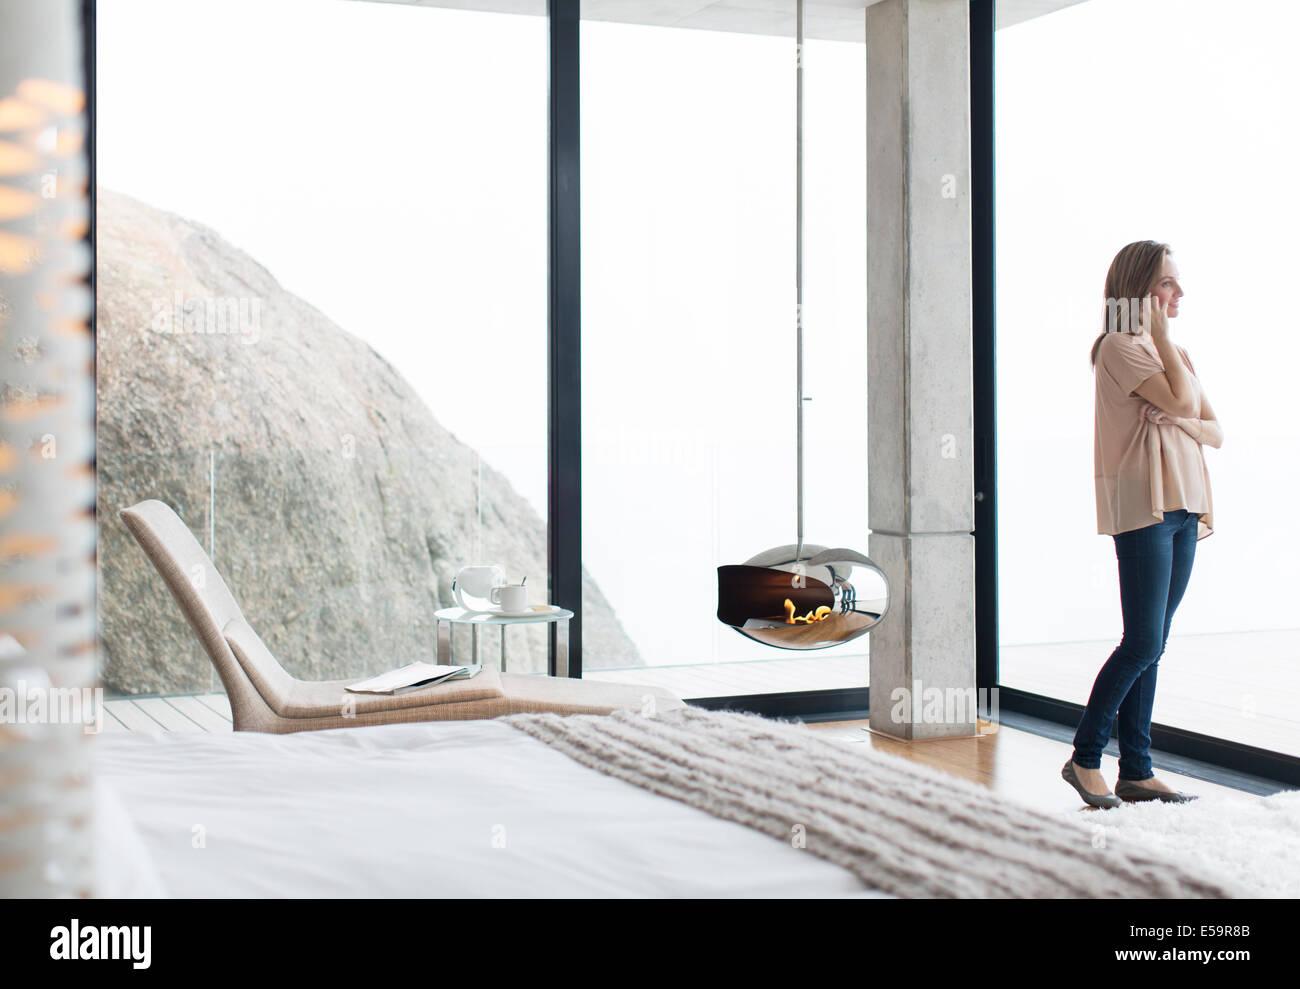 Mujer hablando por teléfono celular en el dormitorio moderno Imagen De Stock